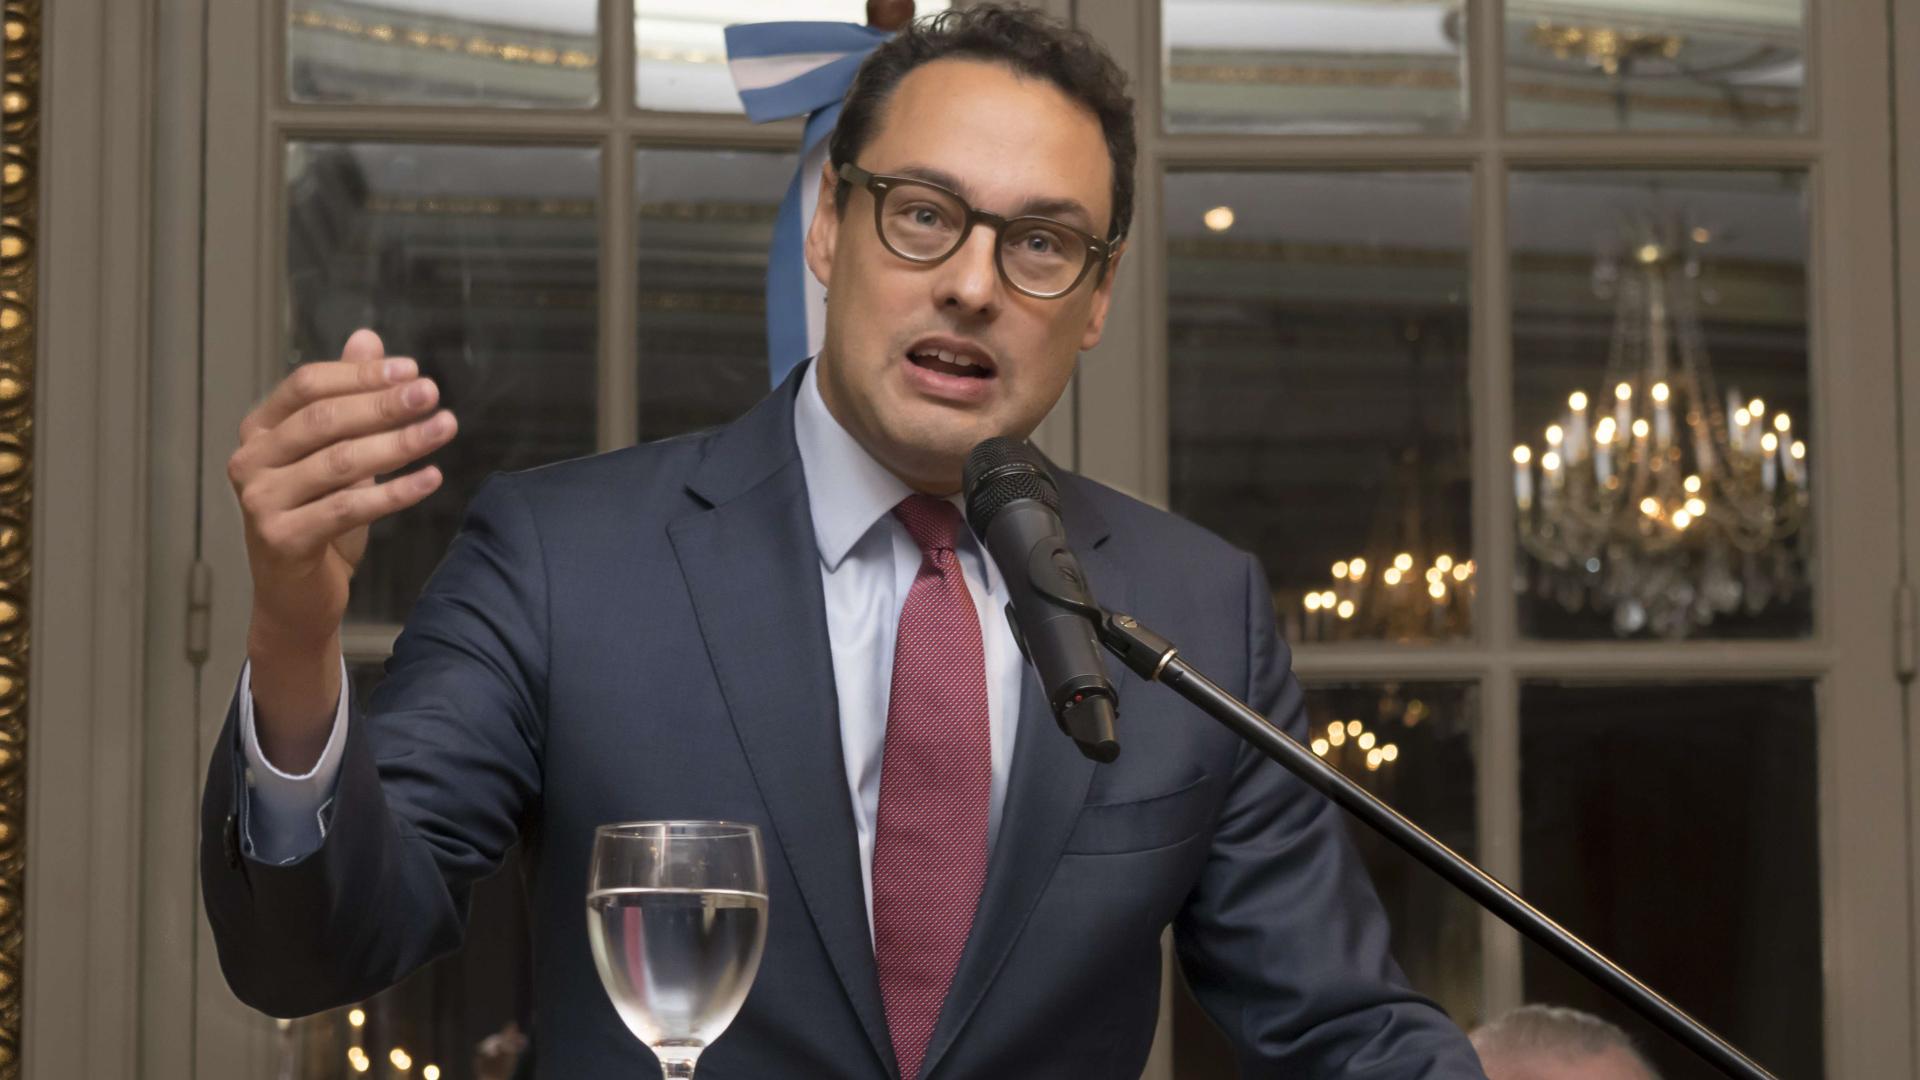 Leandro Cuccioli, director de la AFIP, resaltó la labor de su antecesor, Alberto Abad